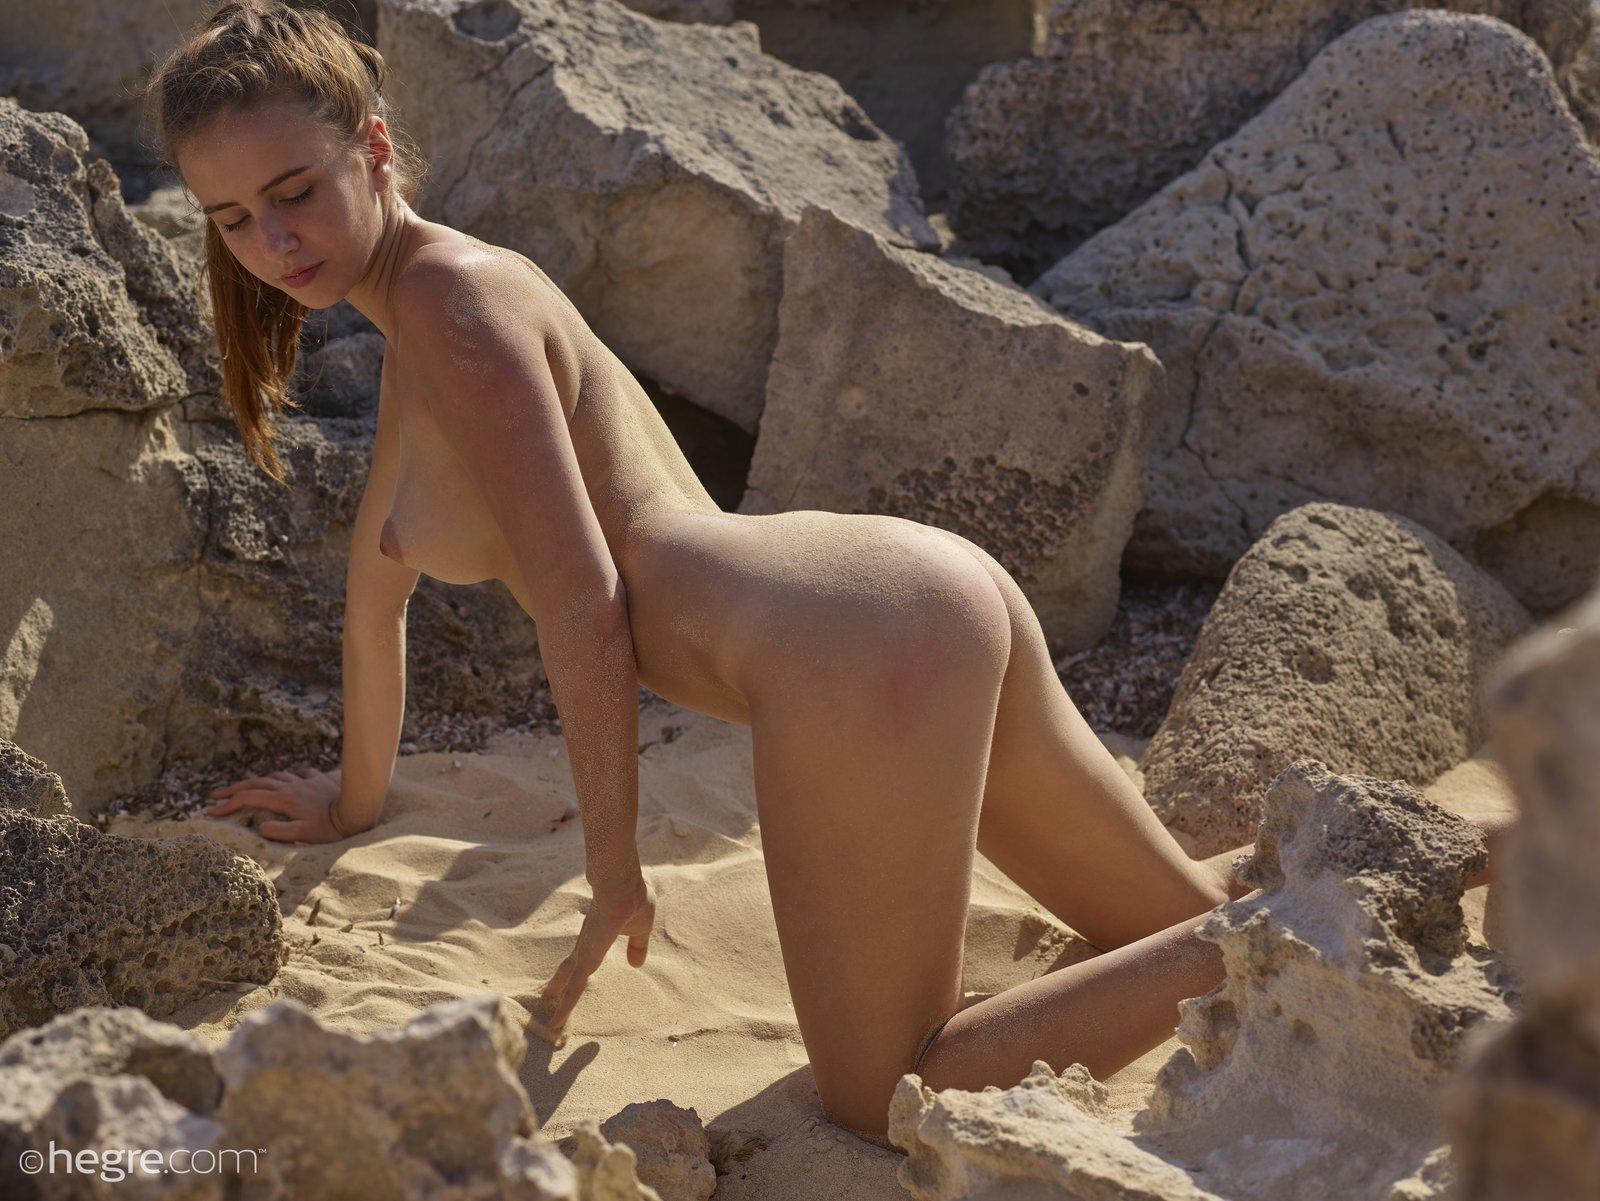 Обнаженная роскошная баба в пляже на песке